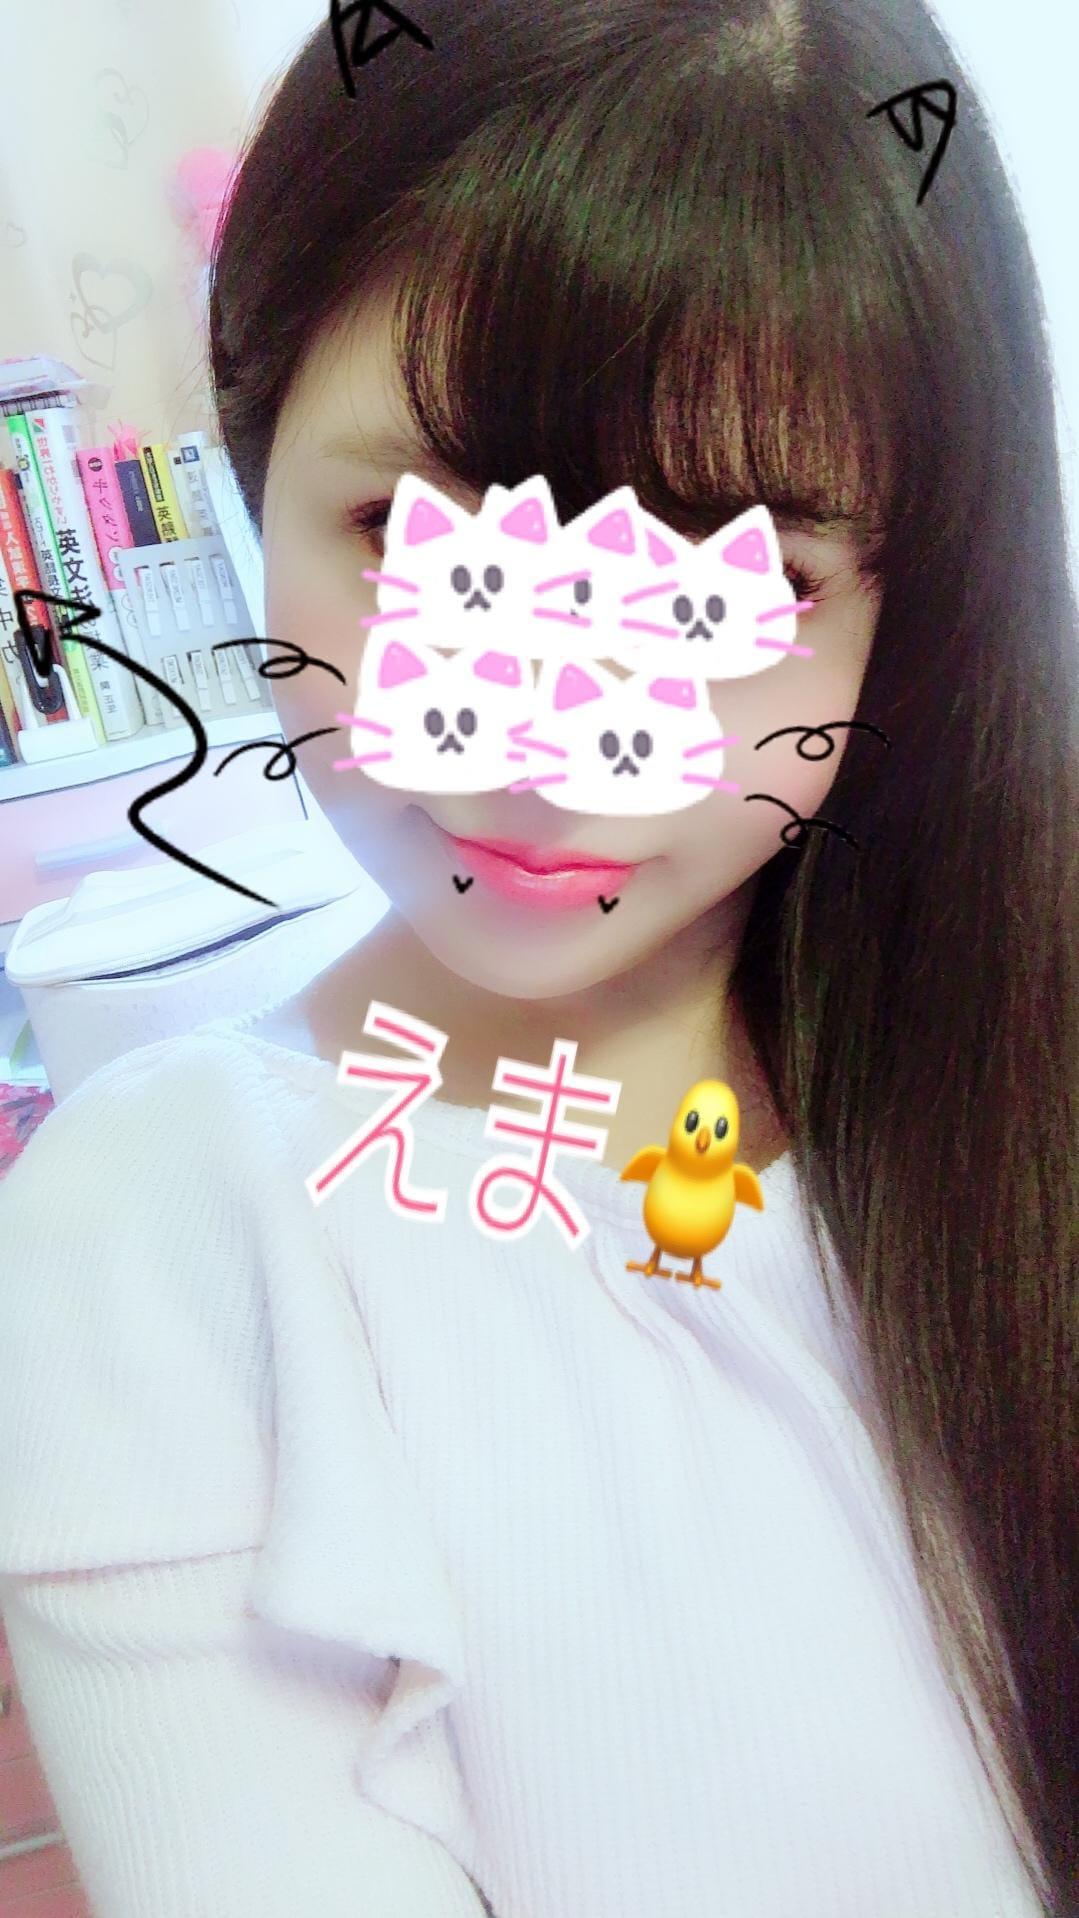 「朝から出勤してます♫」10/13(10/13) 13:26 | えまちゃんの写メ・風俗動画